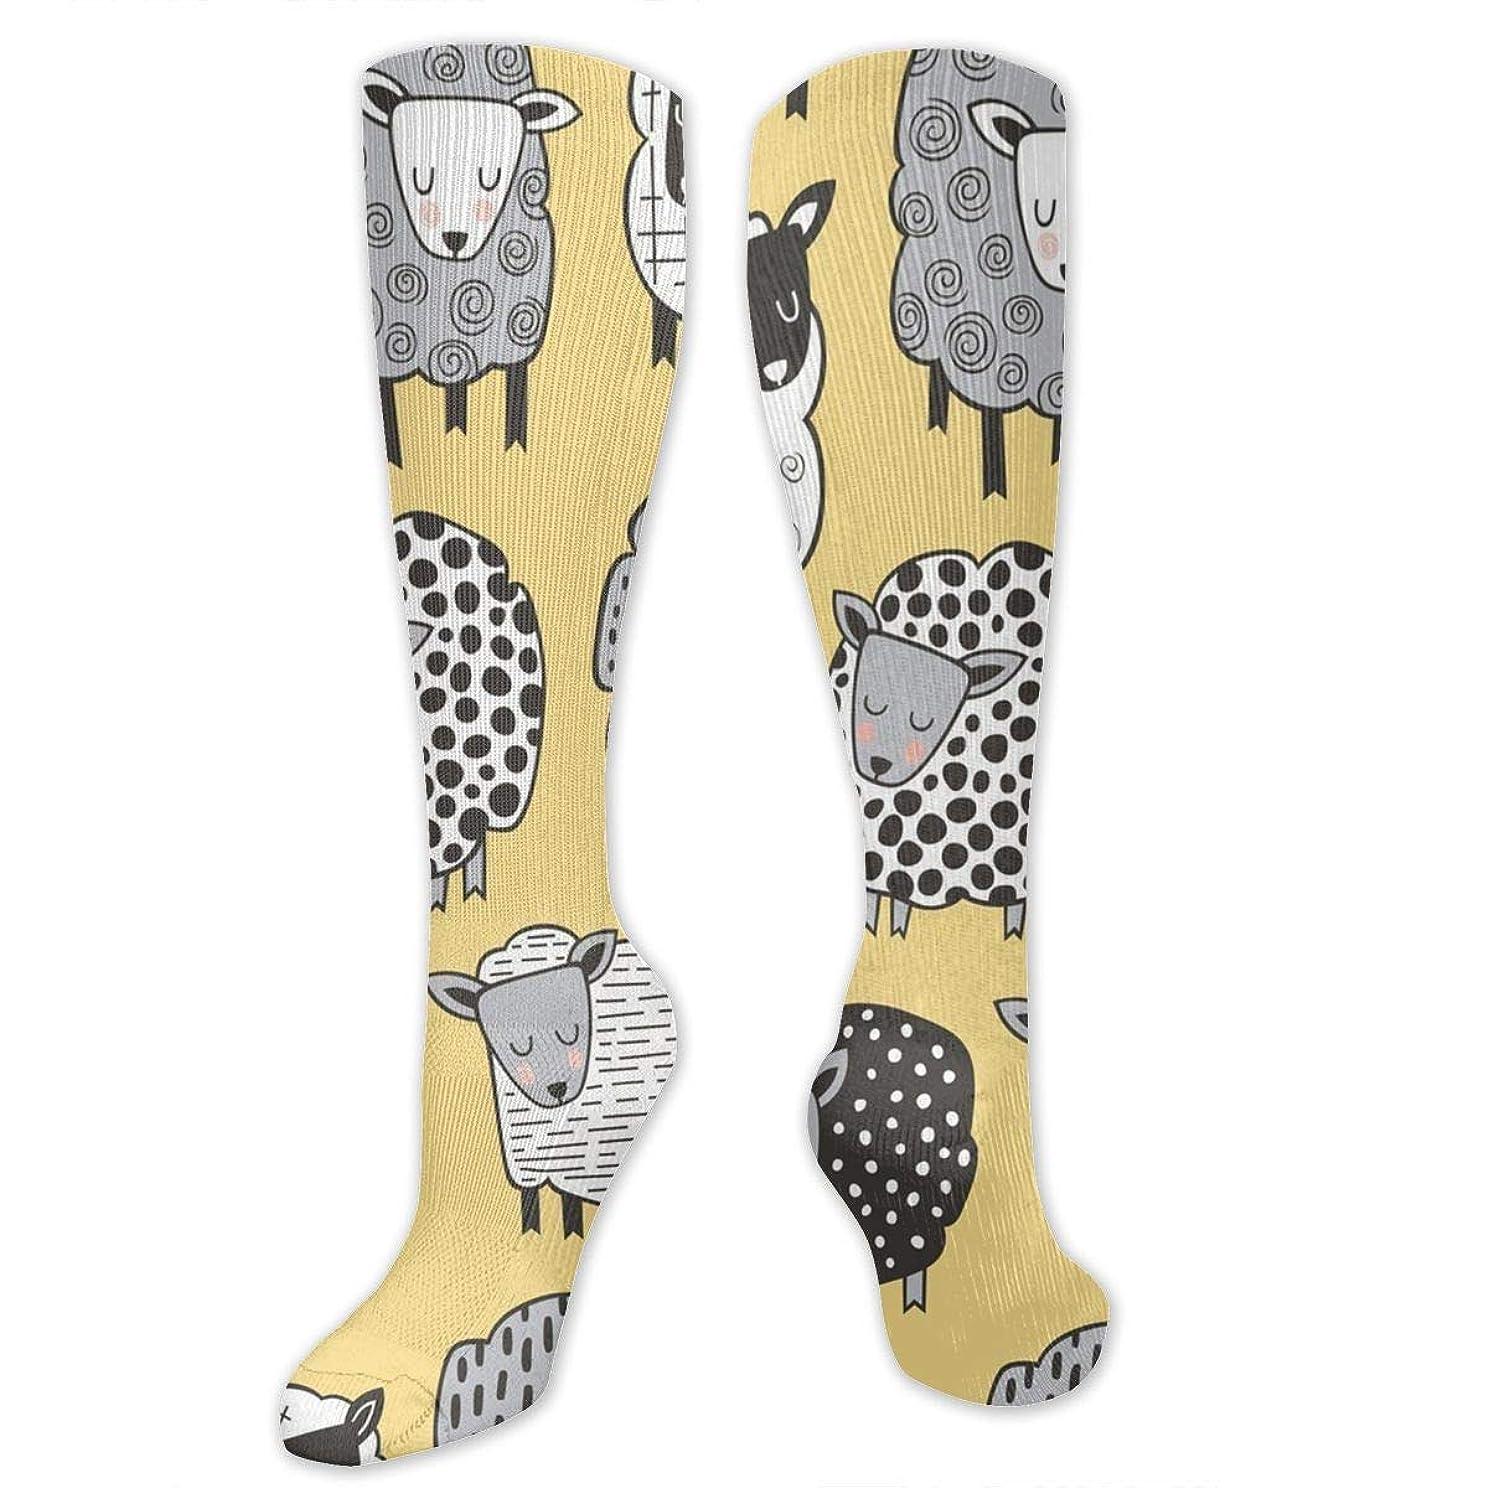 強います適合旅客靴下,ストッキング,野生のジョーカー,実際,秋の本質,冬必須,サマーウェア&RBXAA Sheep Socks Women's Winter Cotton Long Tube Socks Knee High Graduated Compression Socks